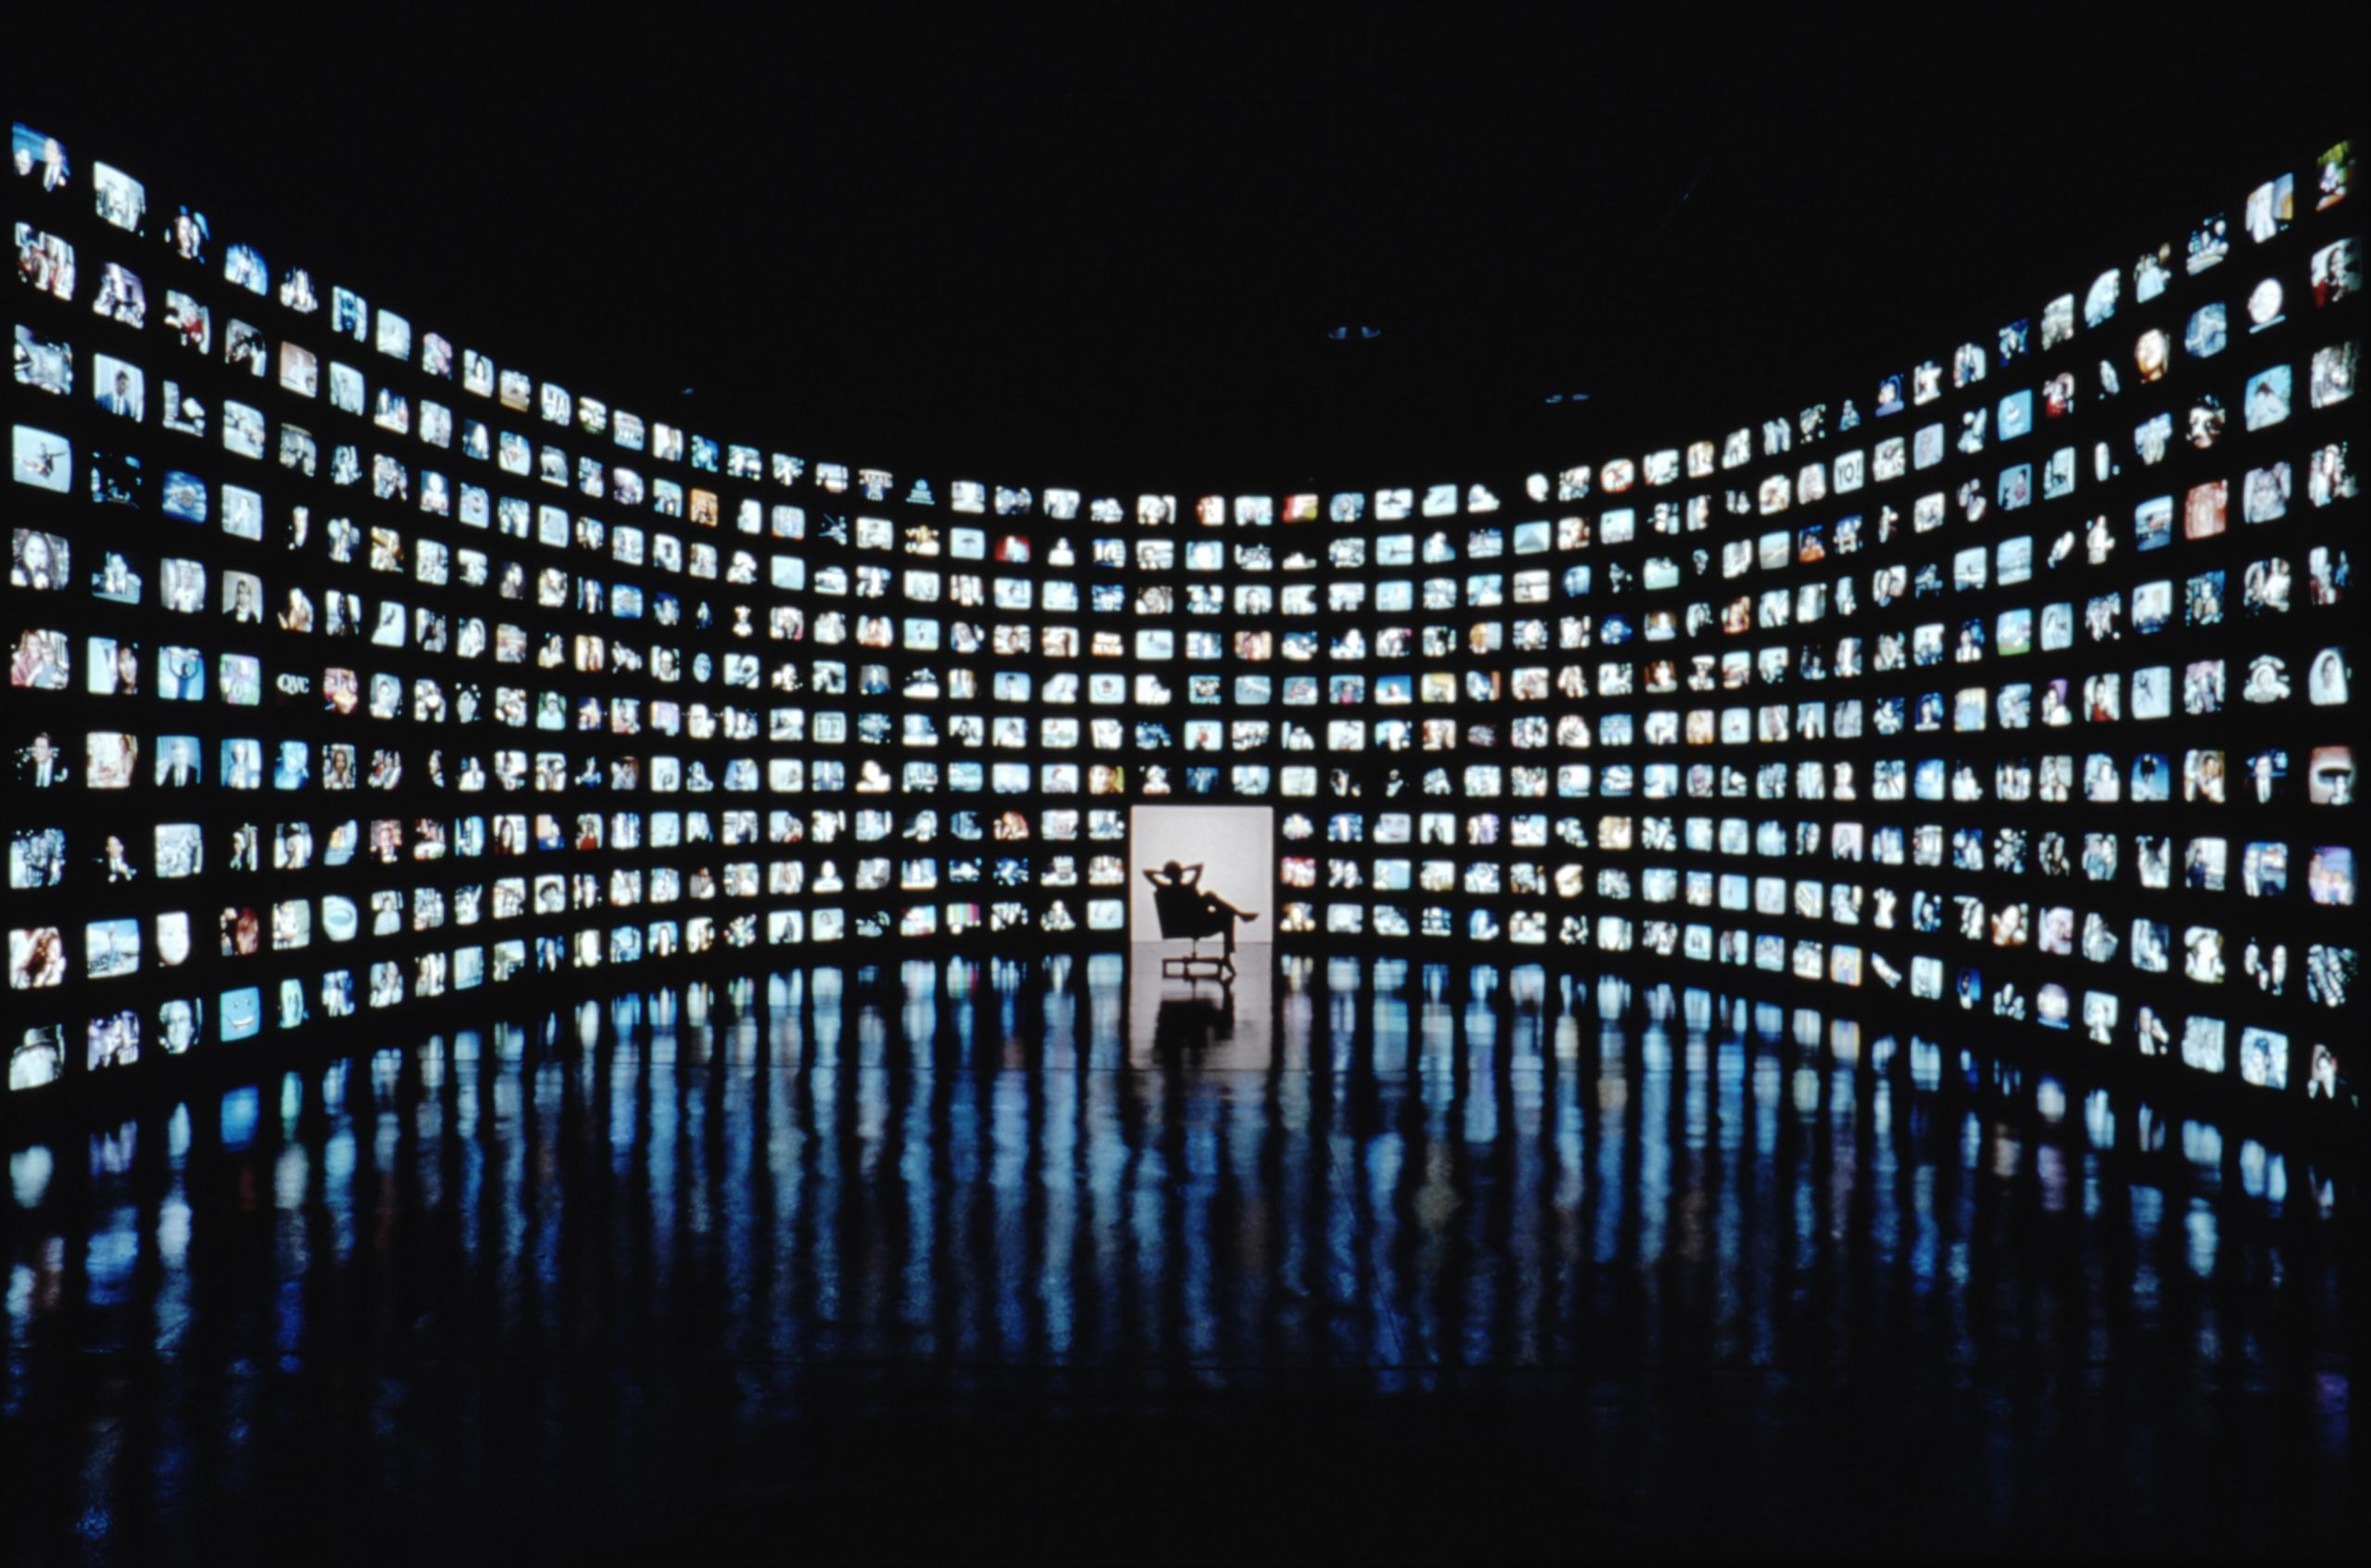 Mod�ration et censure sur internet : entretien avec Romain Badouard